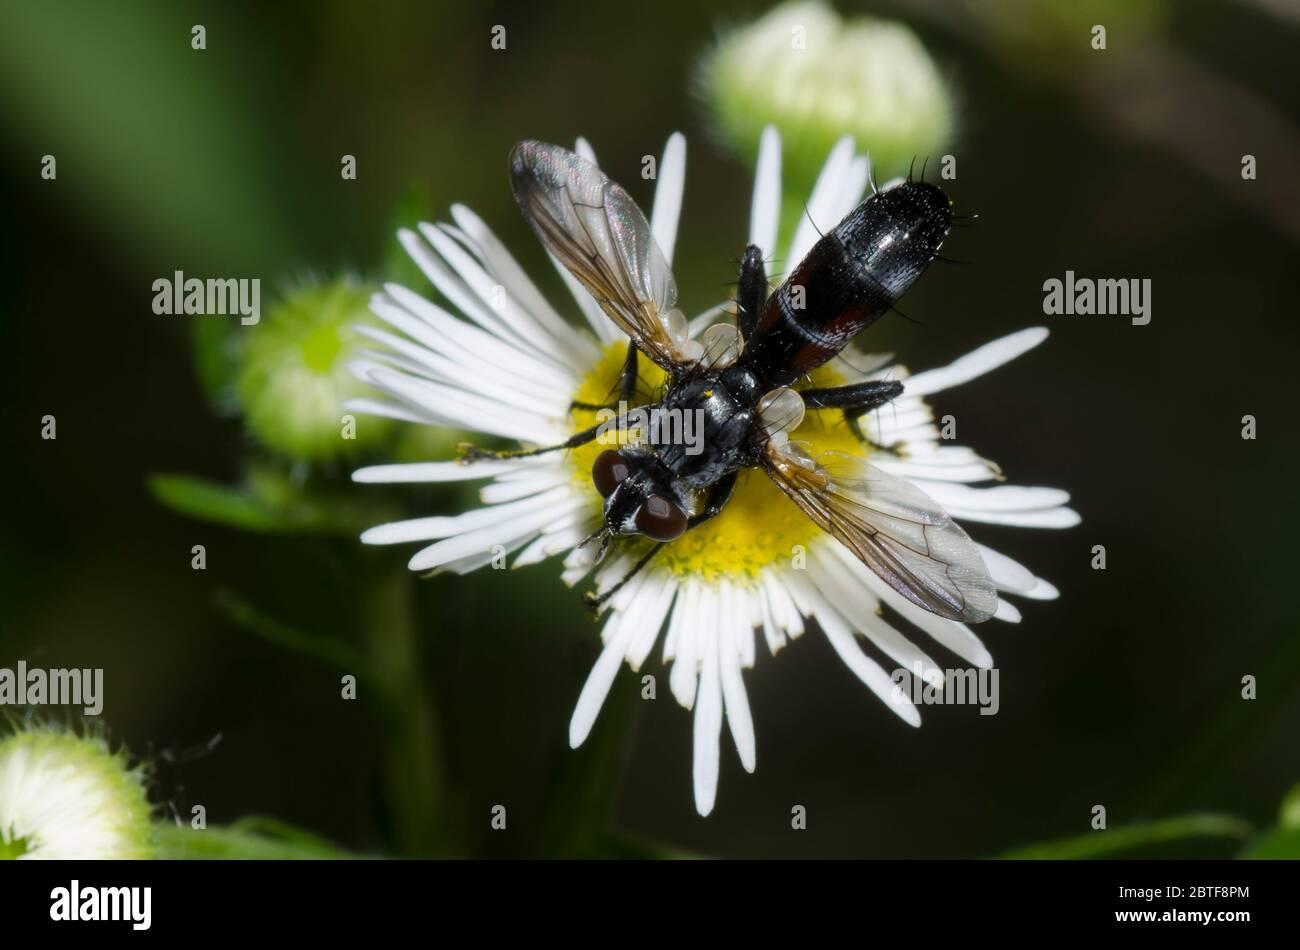 Tachinid Fly, Cylindromyia sp., foraging on Fleabane, Erigeron sp. Stock Photo